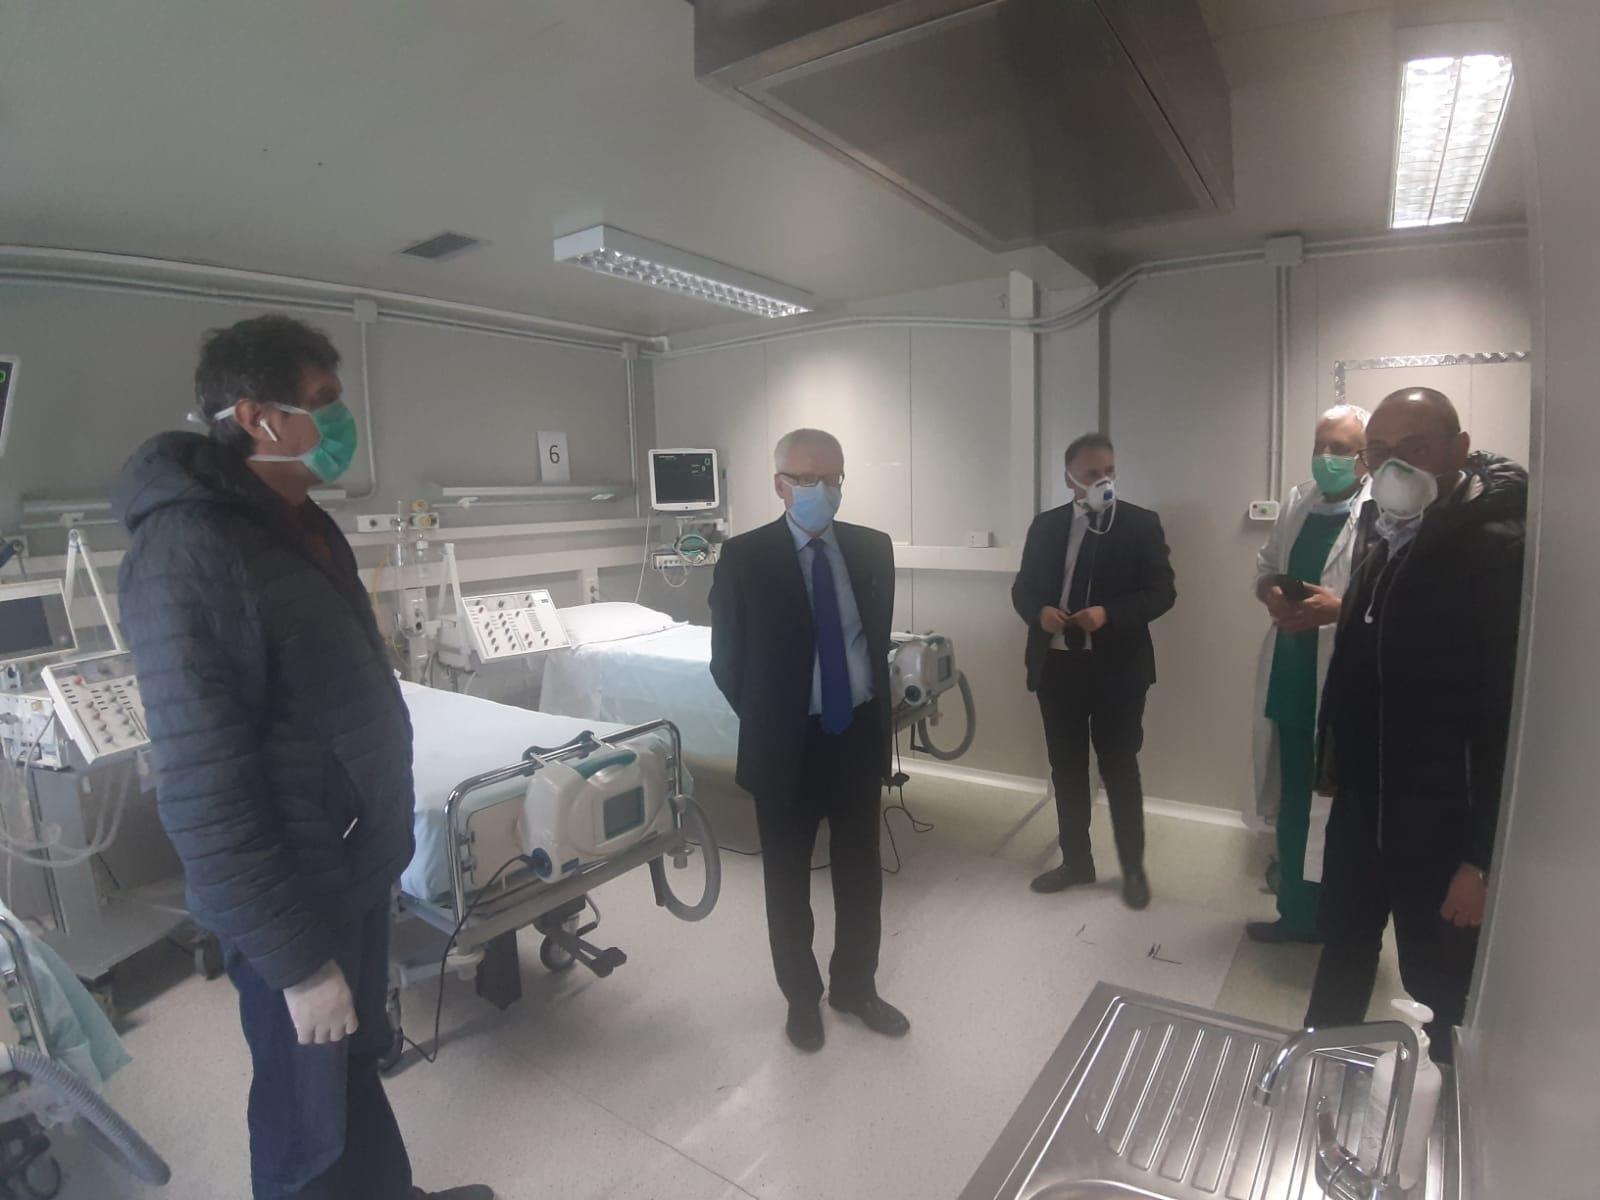 Il presidente della Regione visita il G8 dell'Aquila che ospiterà posti letto di Terapia Intensiva e di Sub-intensiva